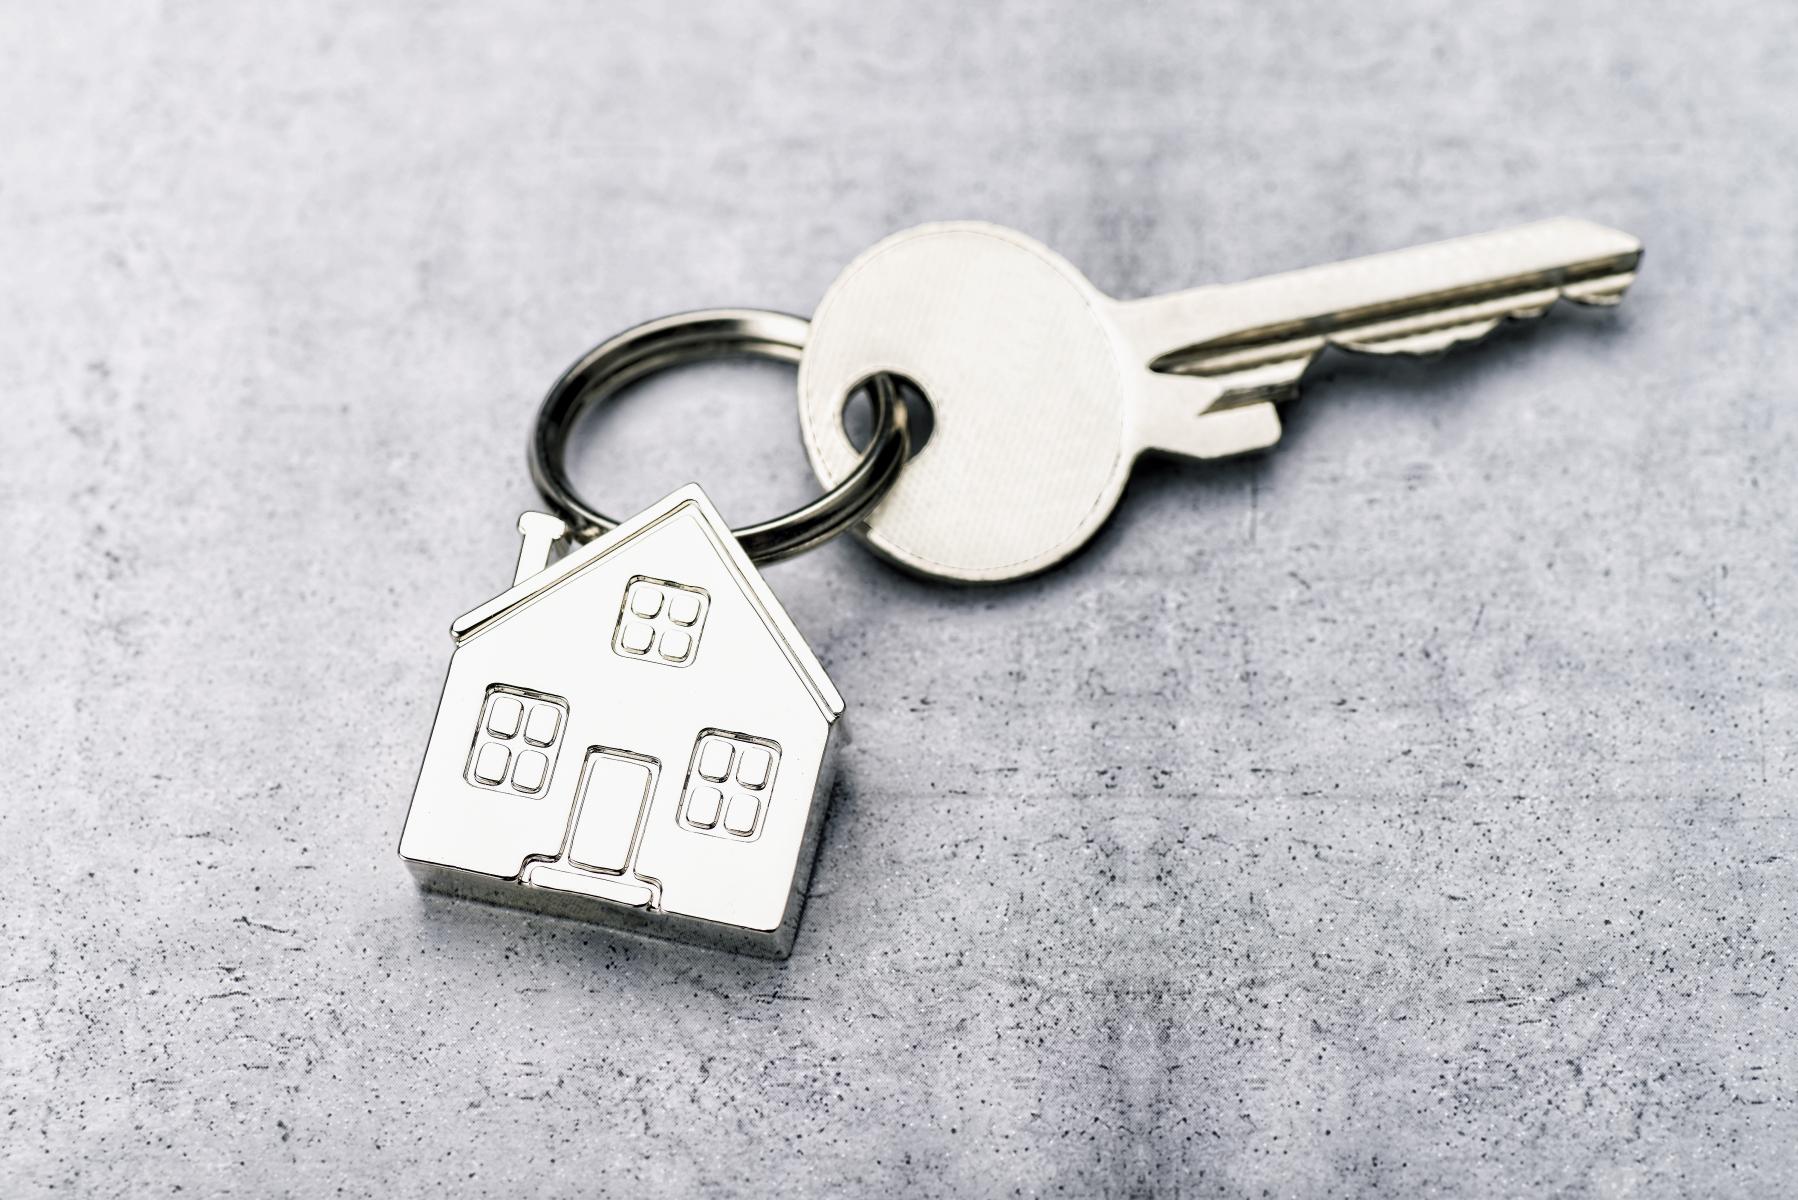 Nøkkelring forma som hus festa i nøkkel